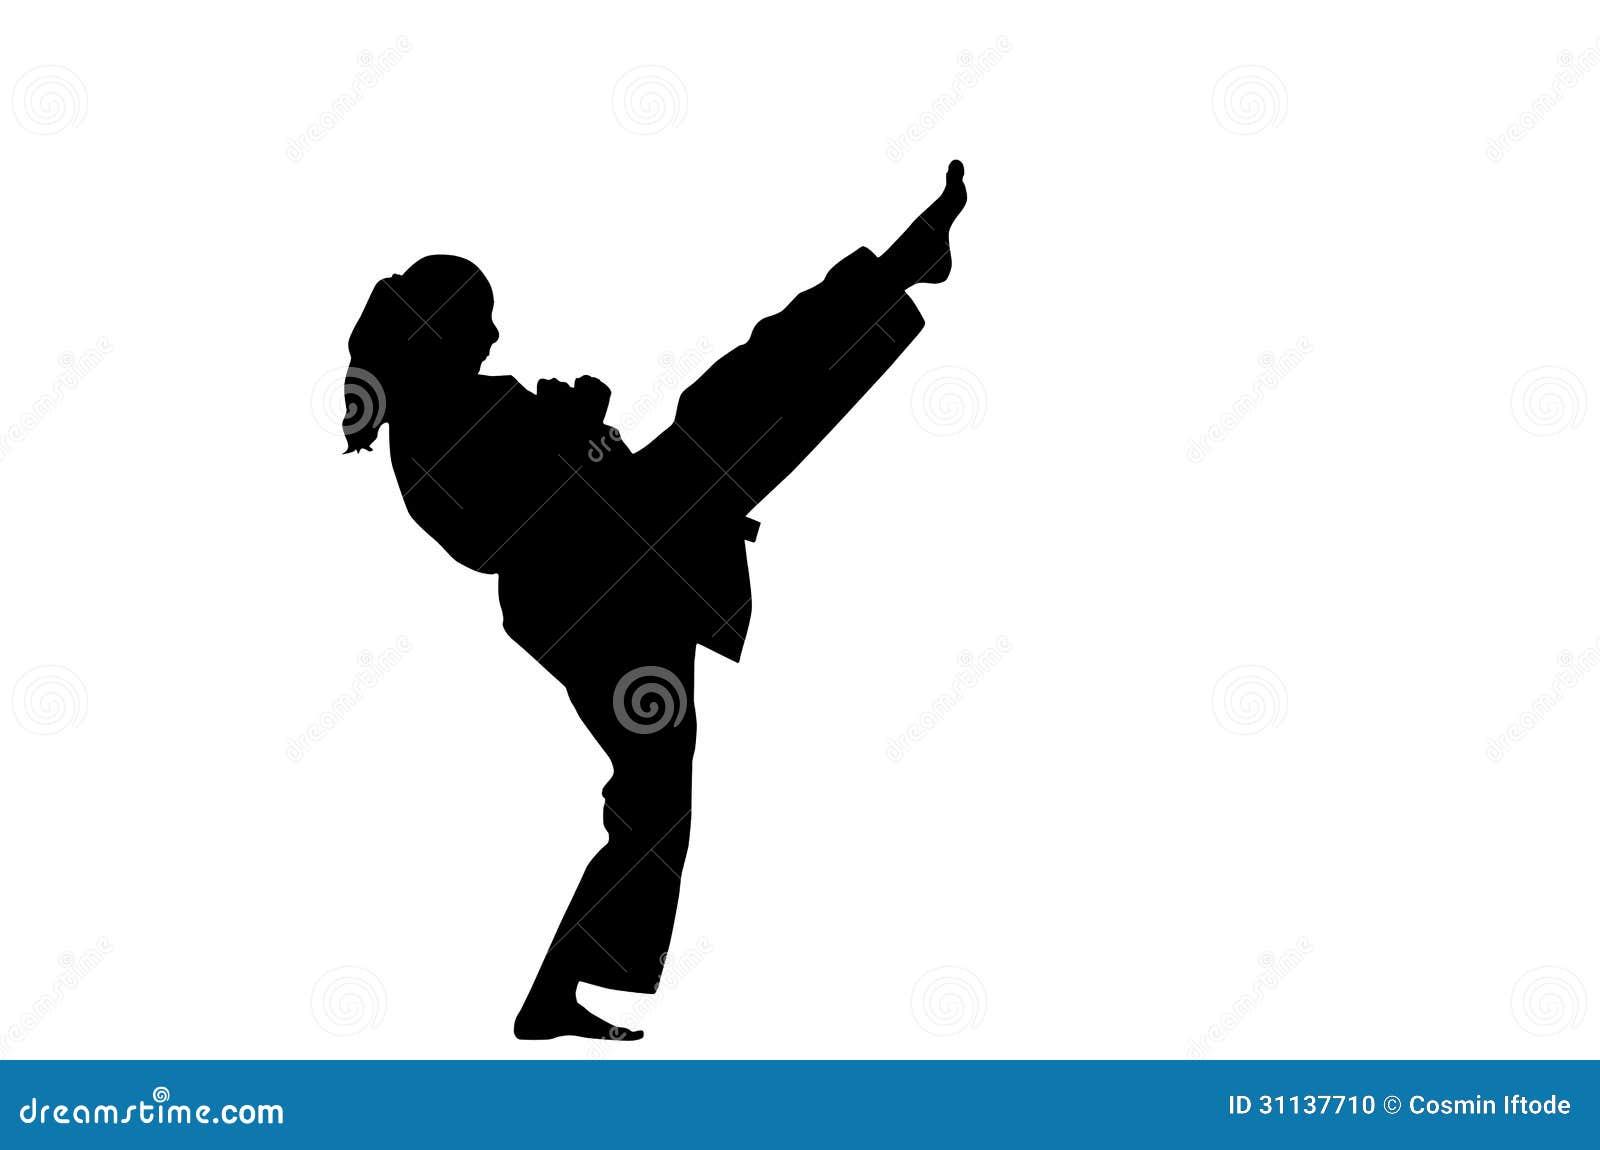 Karate Woman Kick A silhouette of a karate woman